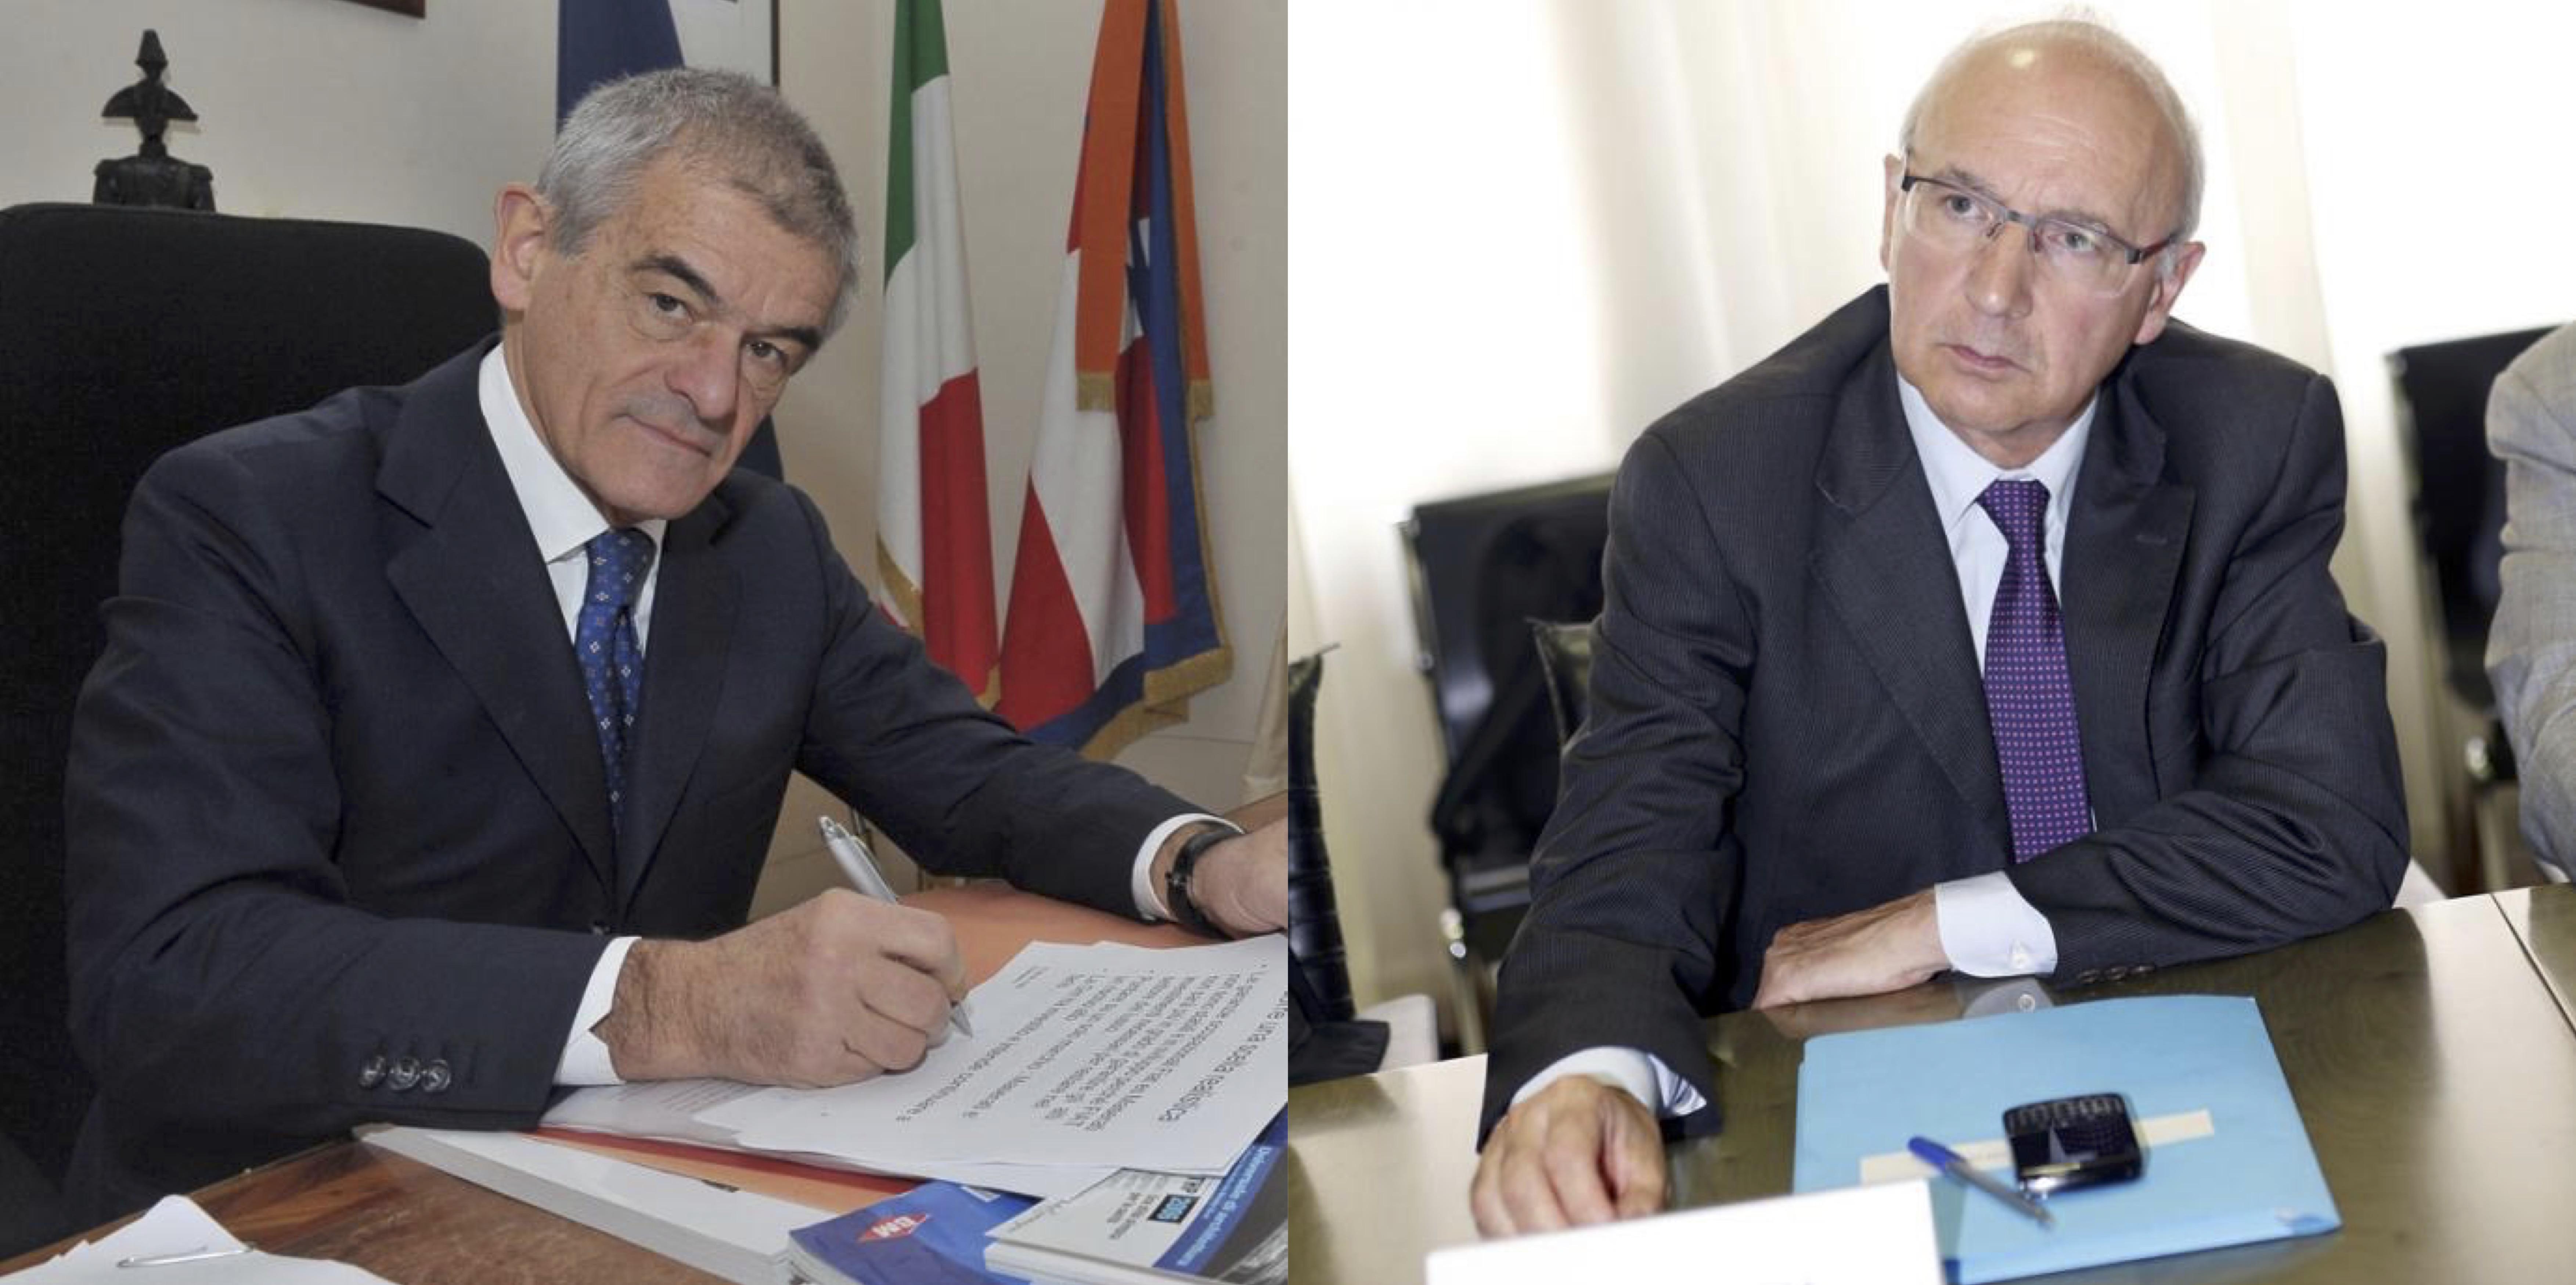 Grande risultato raggiunto dalla Regione Piemonte guidata da Sergio Chiamparino che ha abolito il ticket sui farmaci